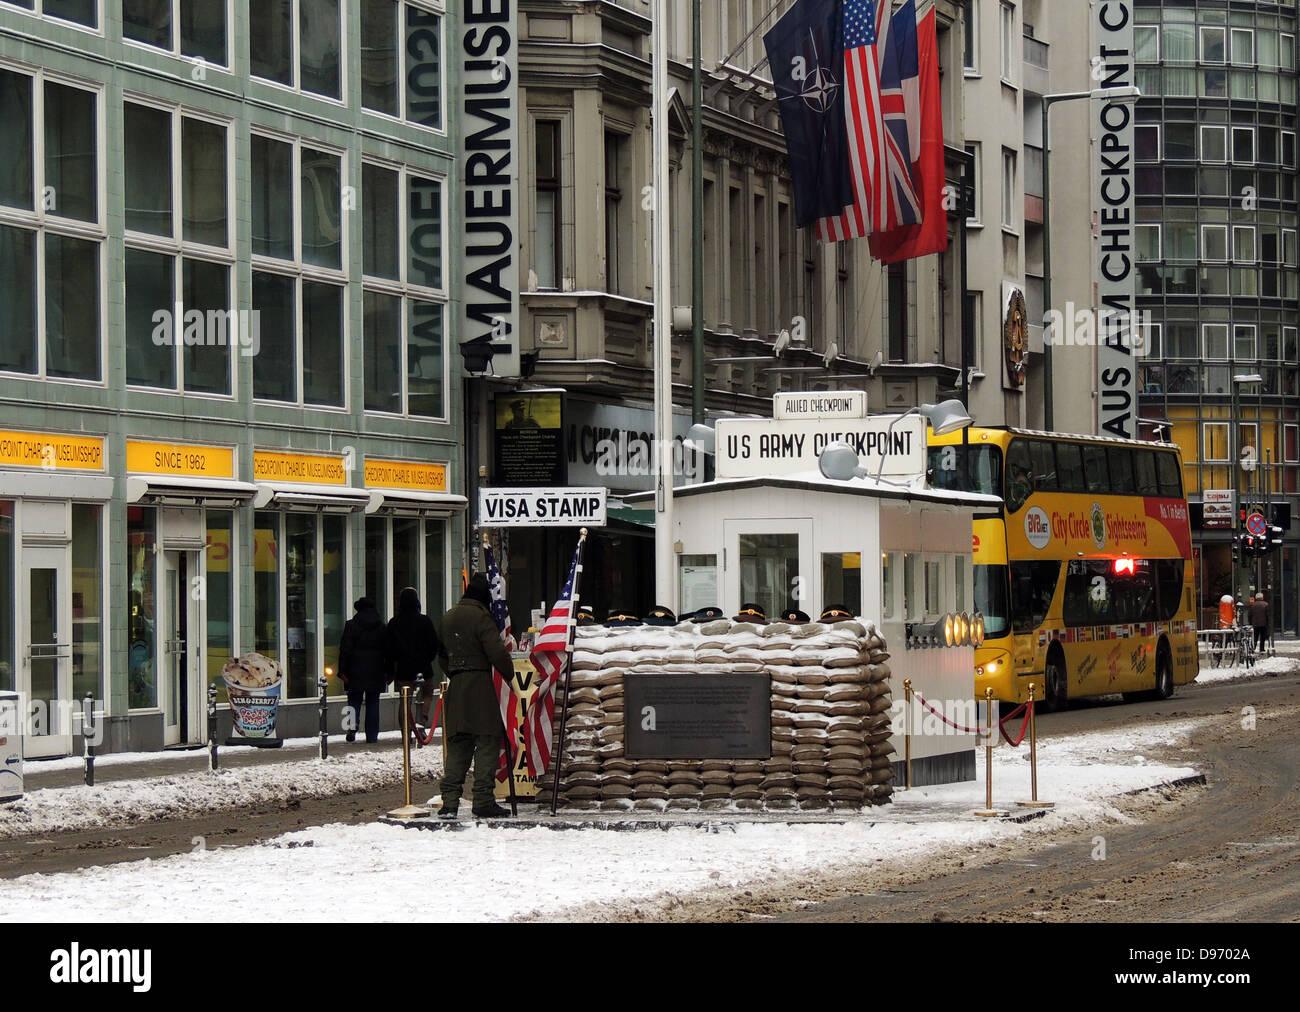 Checkpoint Charlie. Der Checkpoint Charlie war der bekannteste Grenzübergang der Berliner Mauer durch die westlichen Stockbild